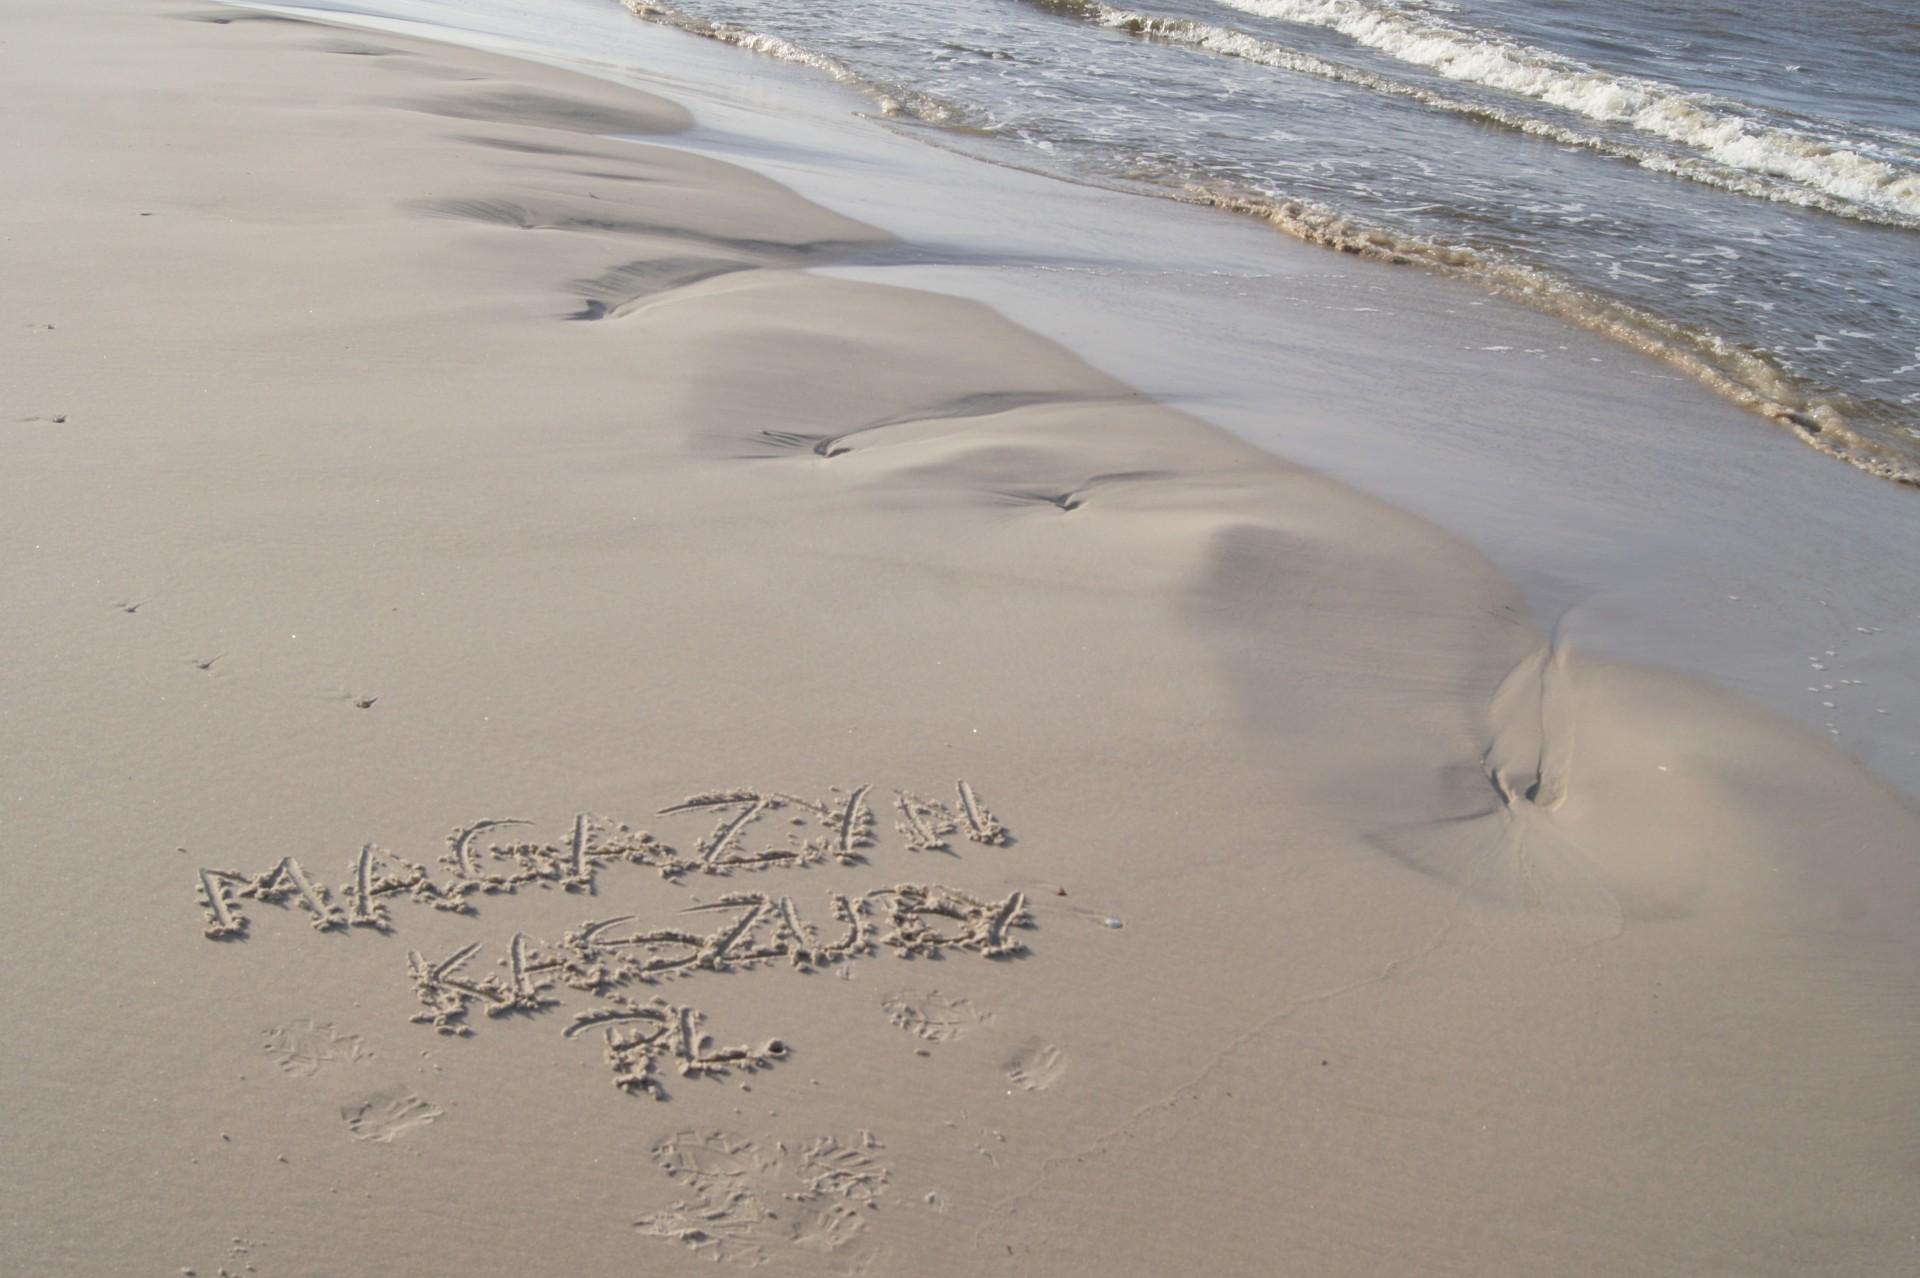 Łeba, plaża, październik 2016. Fot. Patrycja Momot/Magazyn Kaszuby